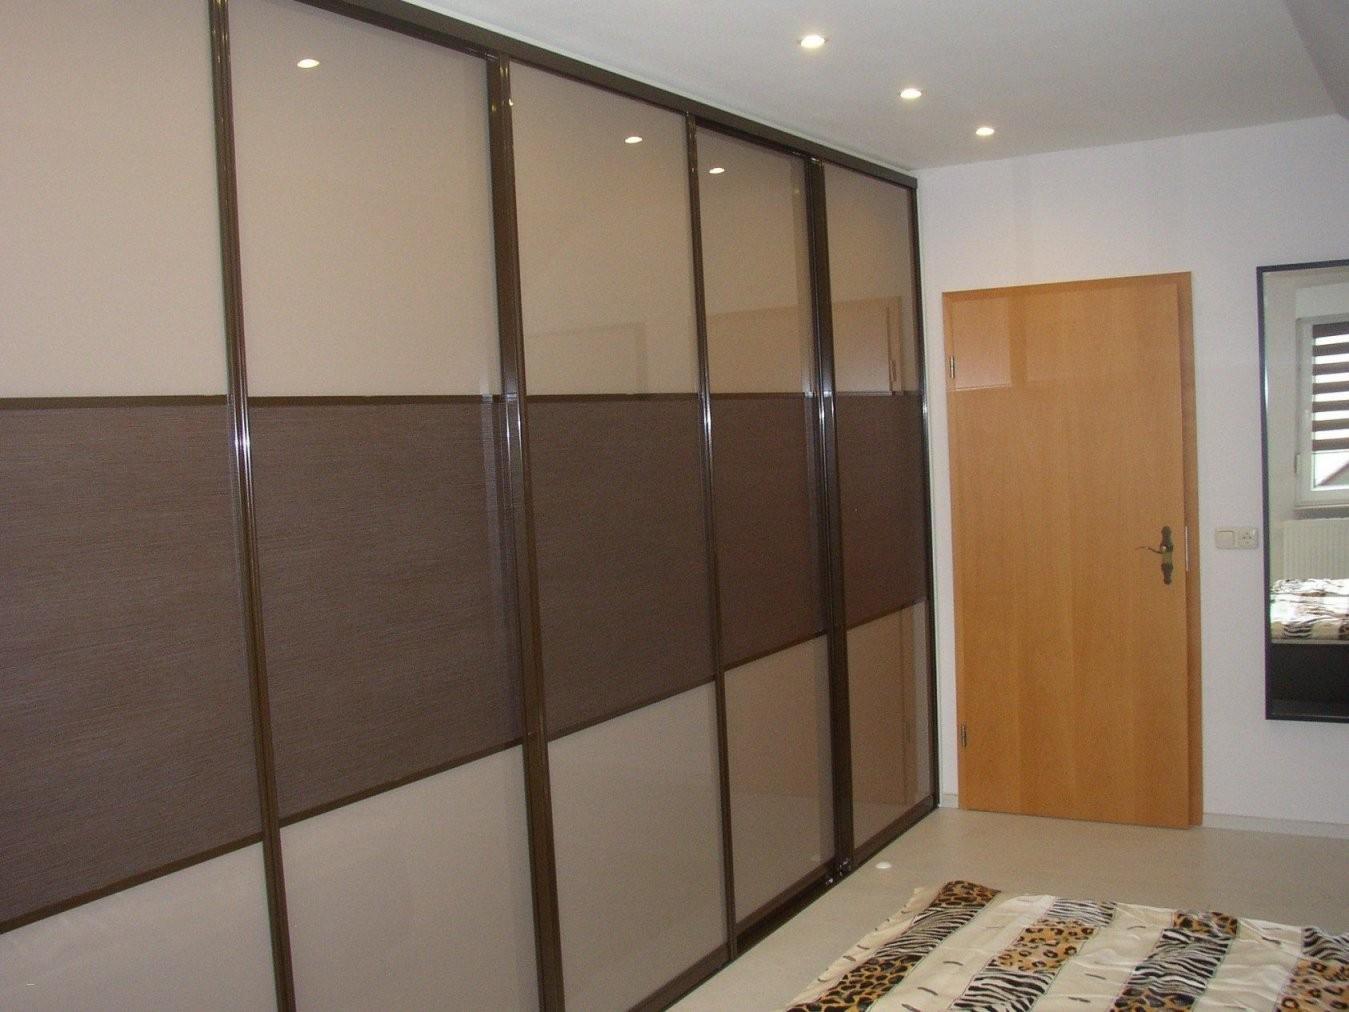 Schiebetür Selber Bauen Schrank  Cabinetworlddesign von Wandschrank Selber Bauen Schiebetüren Photo